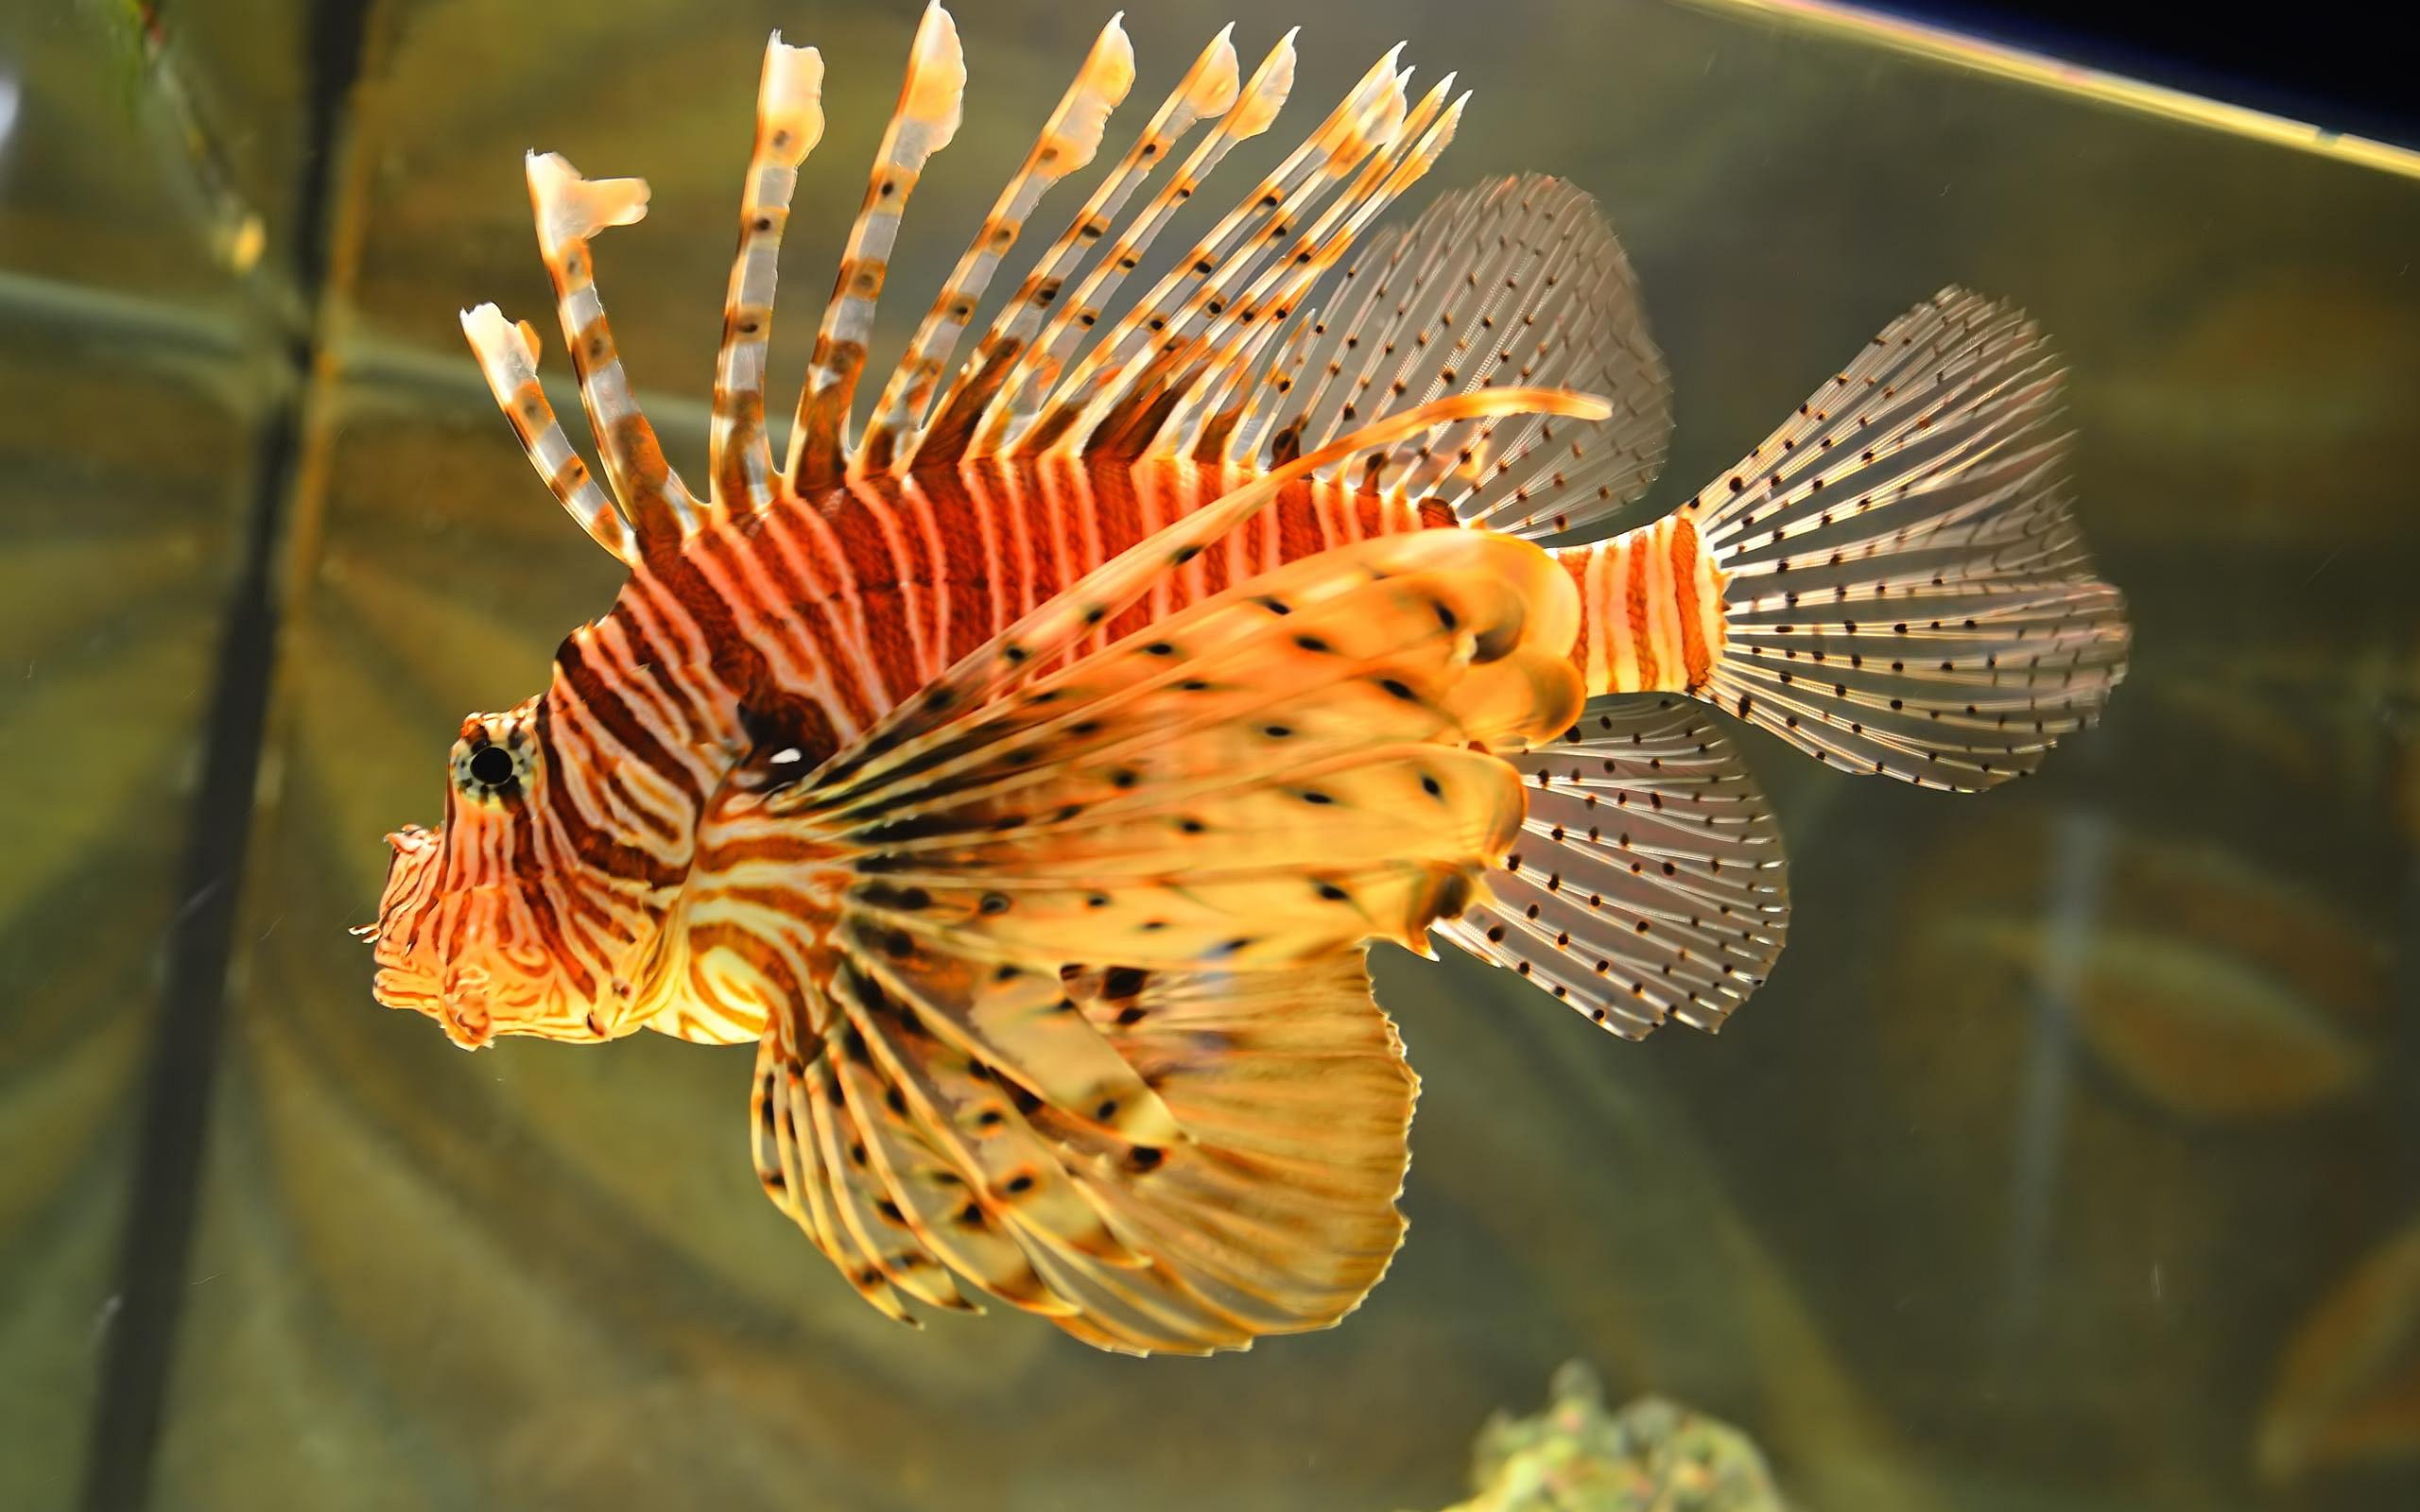 3d Garden Live Wallpaper Lionfish Hd Desktop Wallpapers 4k Hd